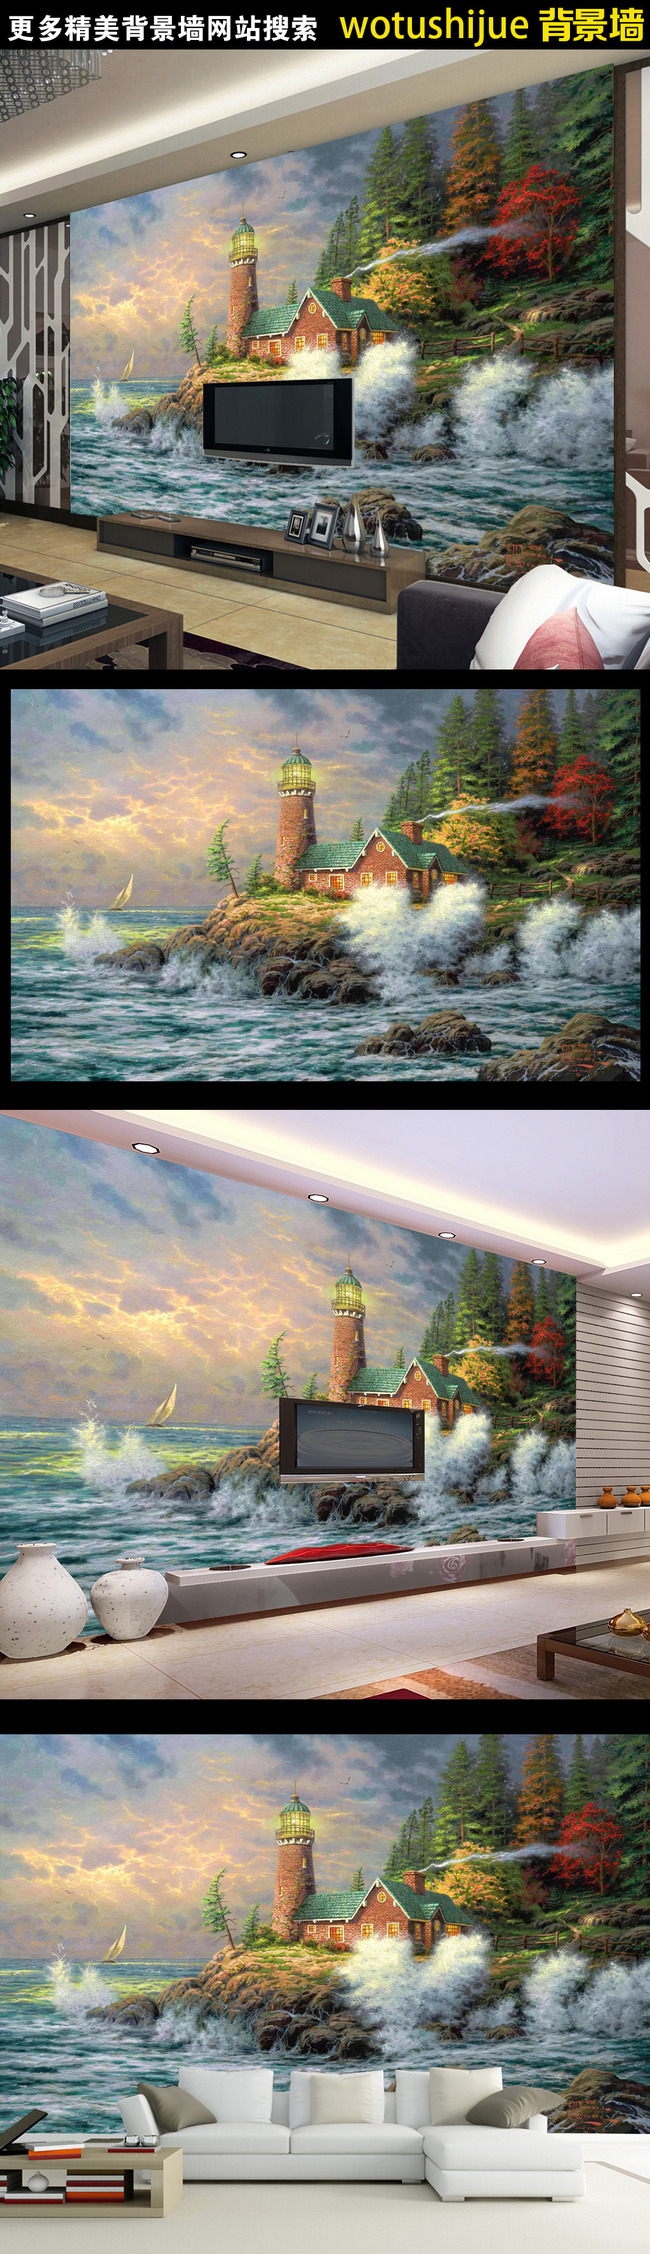 背景墙墙画 背景墙 3d电视背景墙 手绘风景油画背景墙 手绘 海边风景